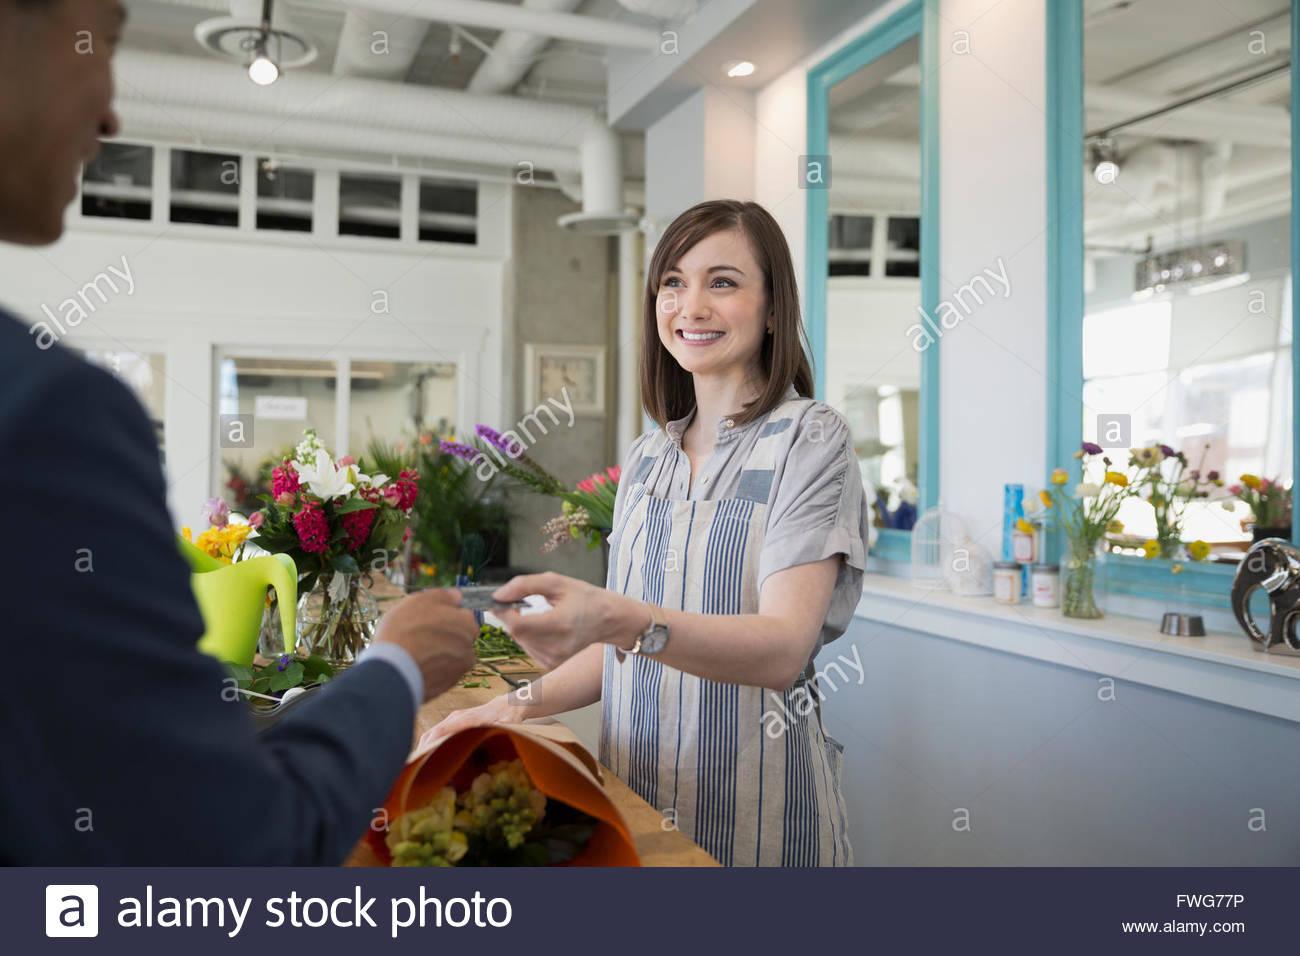 Uomo fioraio di pagamento con carta di credito negozio di fiori Immagini Stock